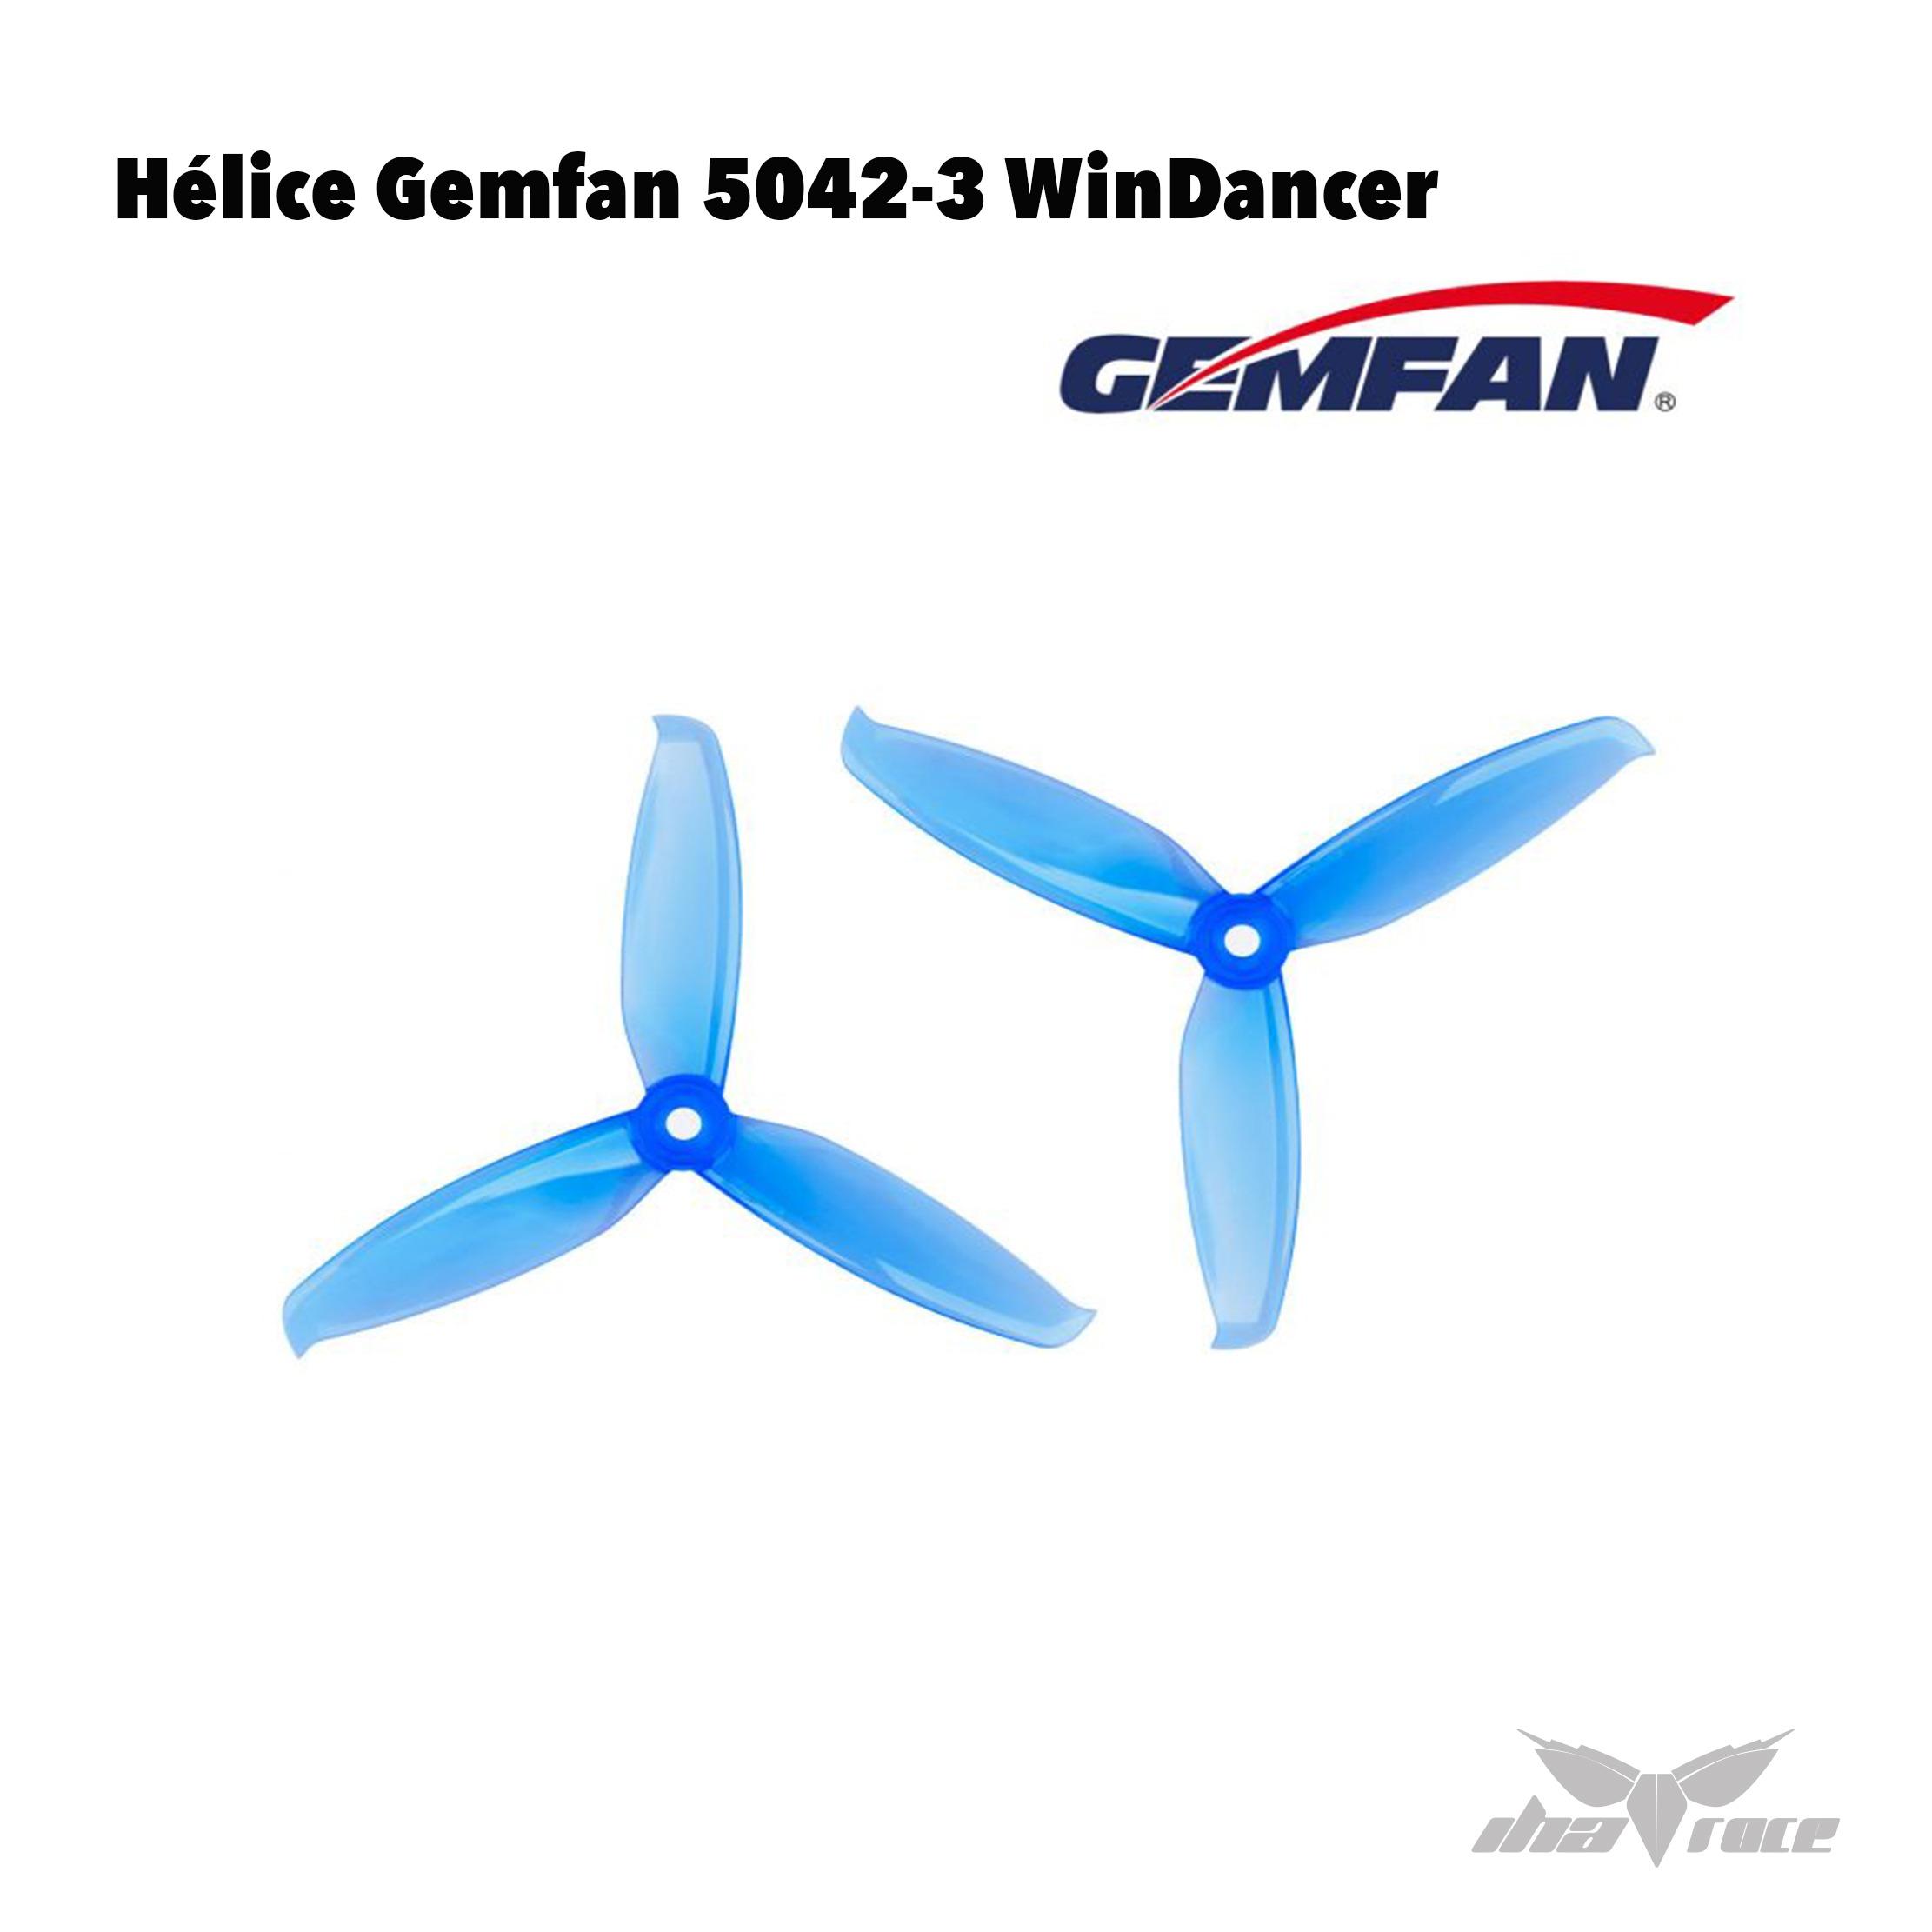 Hélice Gemfan 5042-3 WinDancer oferta